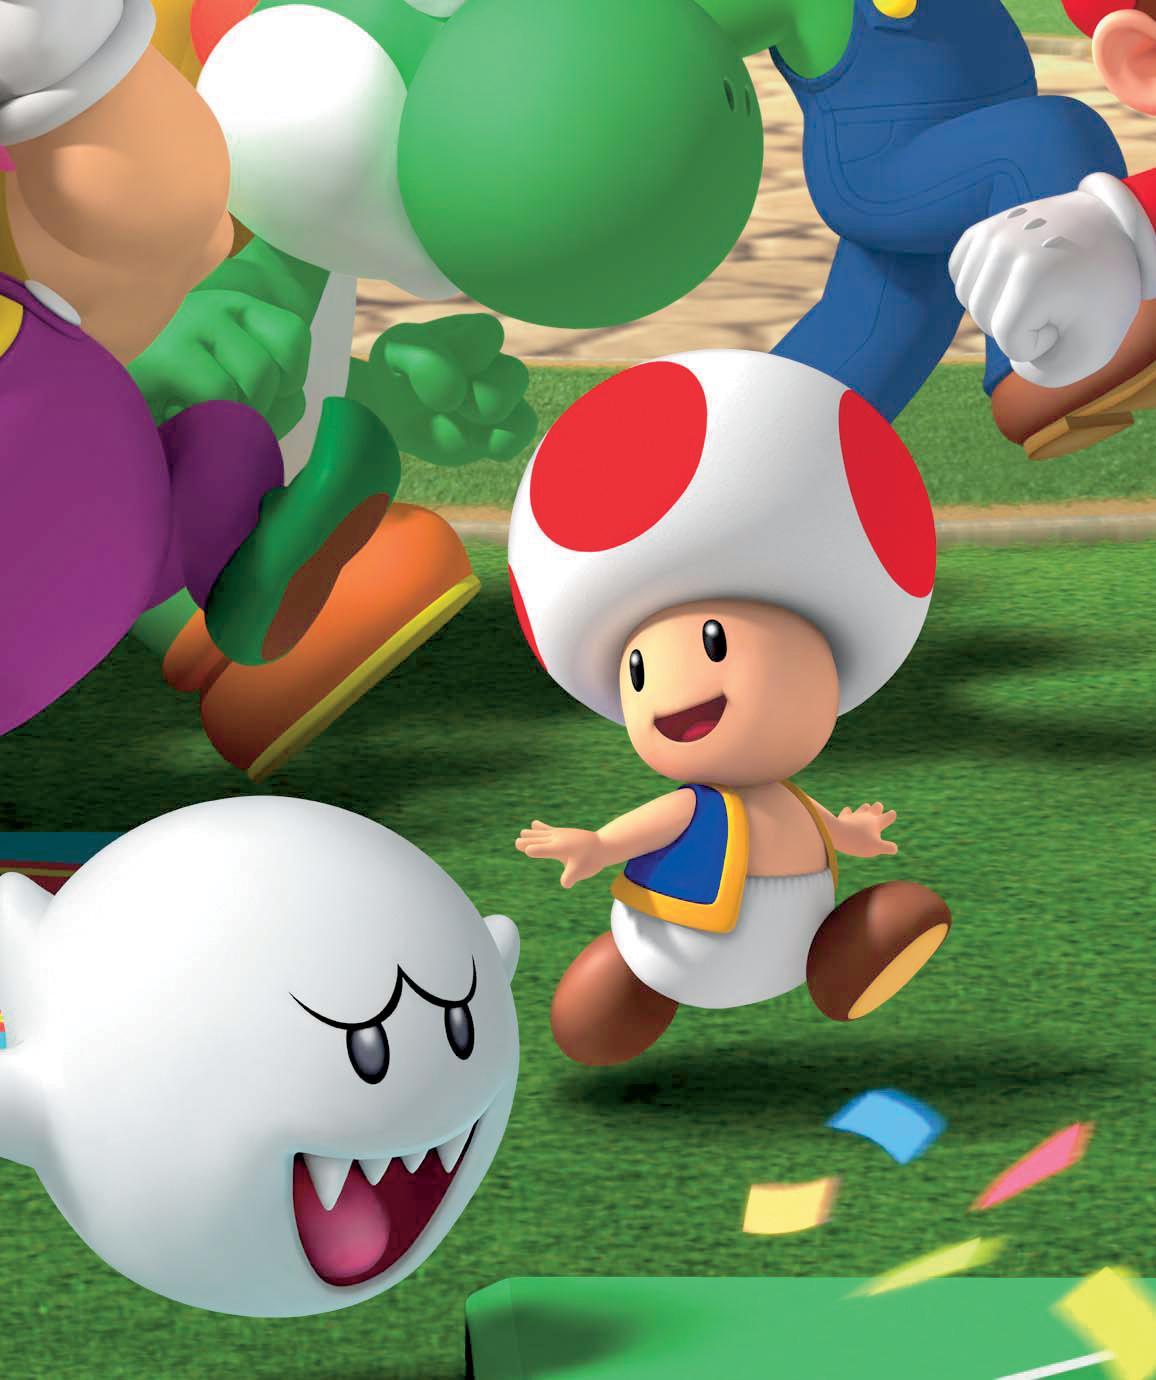 Ultimate Mario Party 8 Guide Page 13 Gamesradar